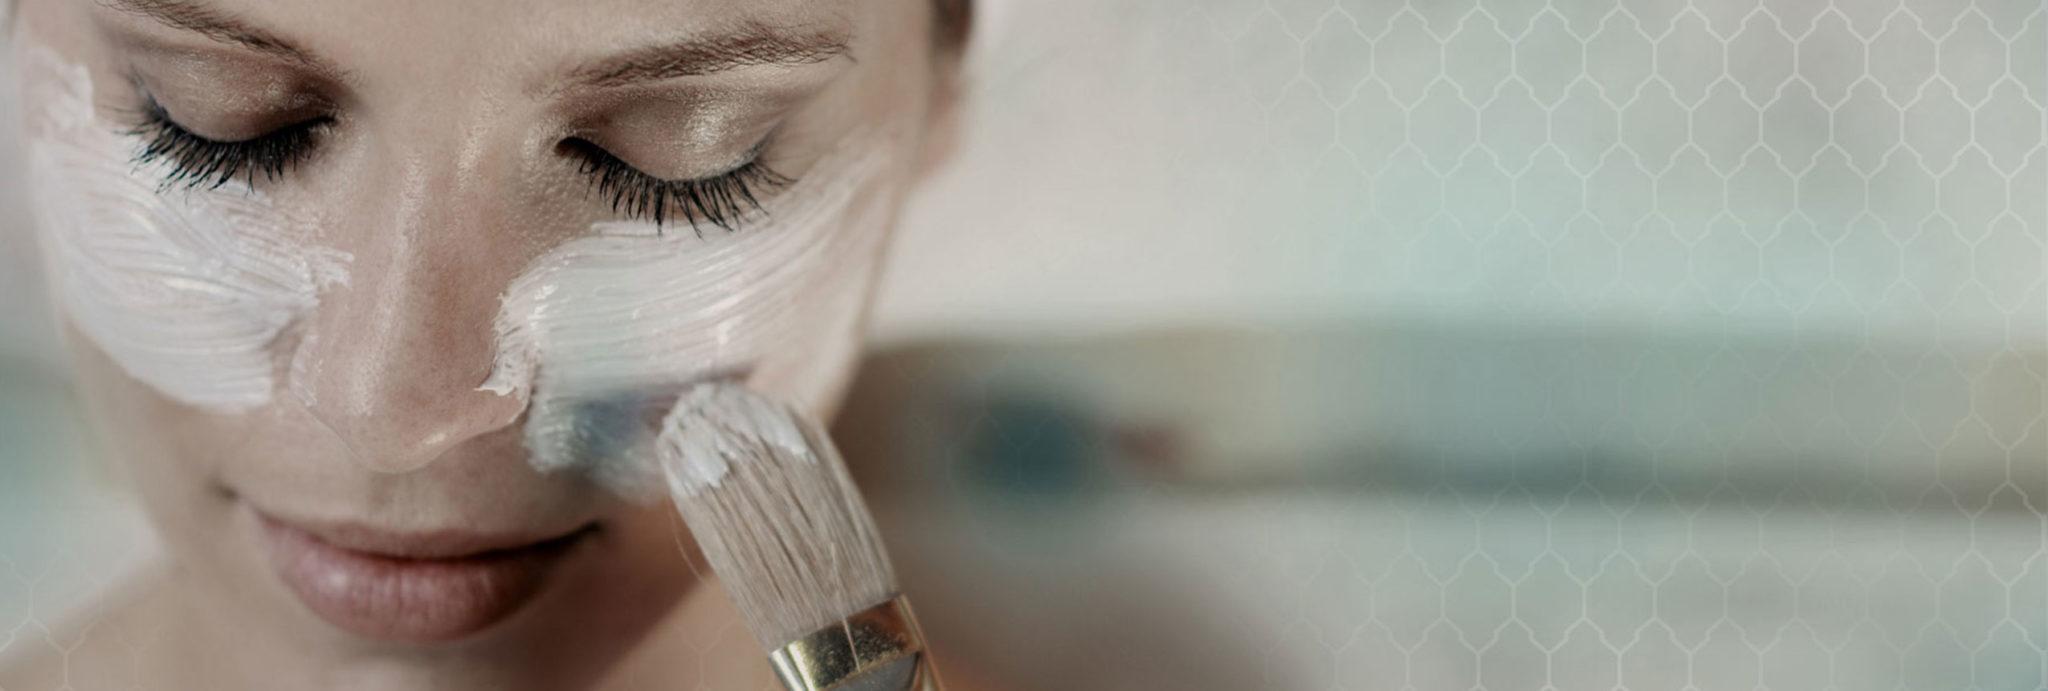 mesotherapie hautarzt muenchen - Mesotherapie